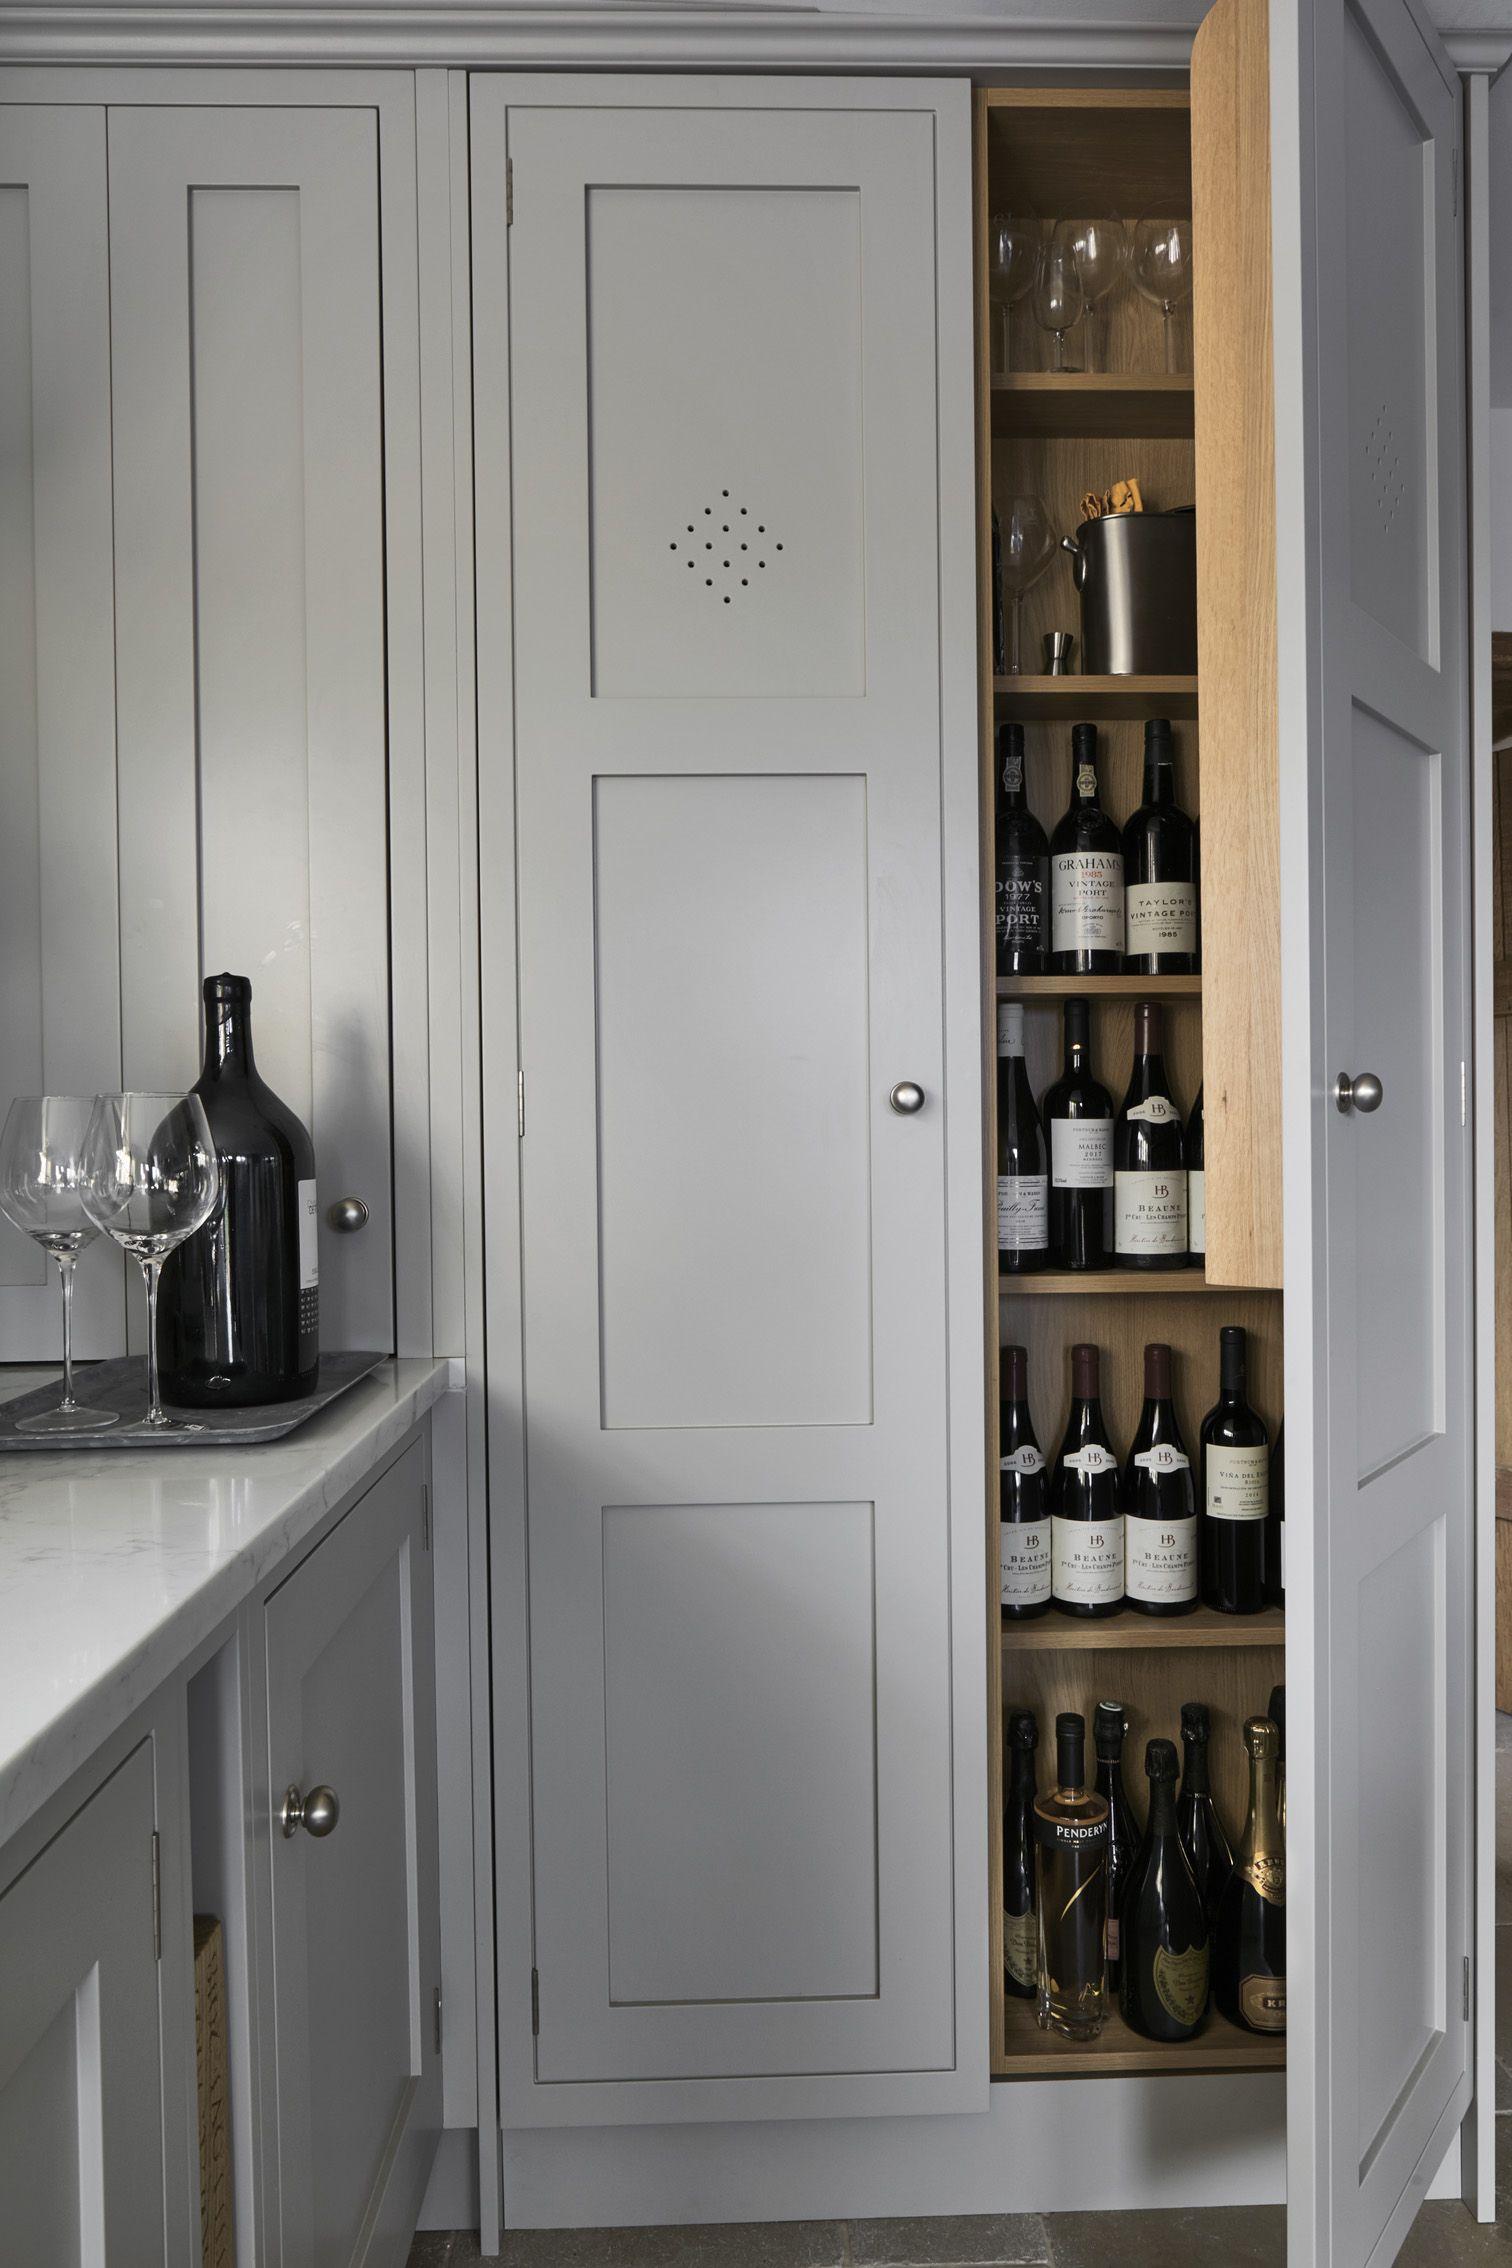 Shaker Kitchens UK Shaker kitchen design,